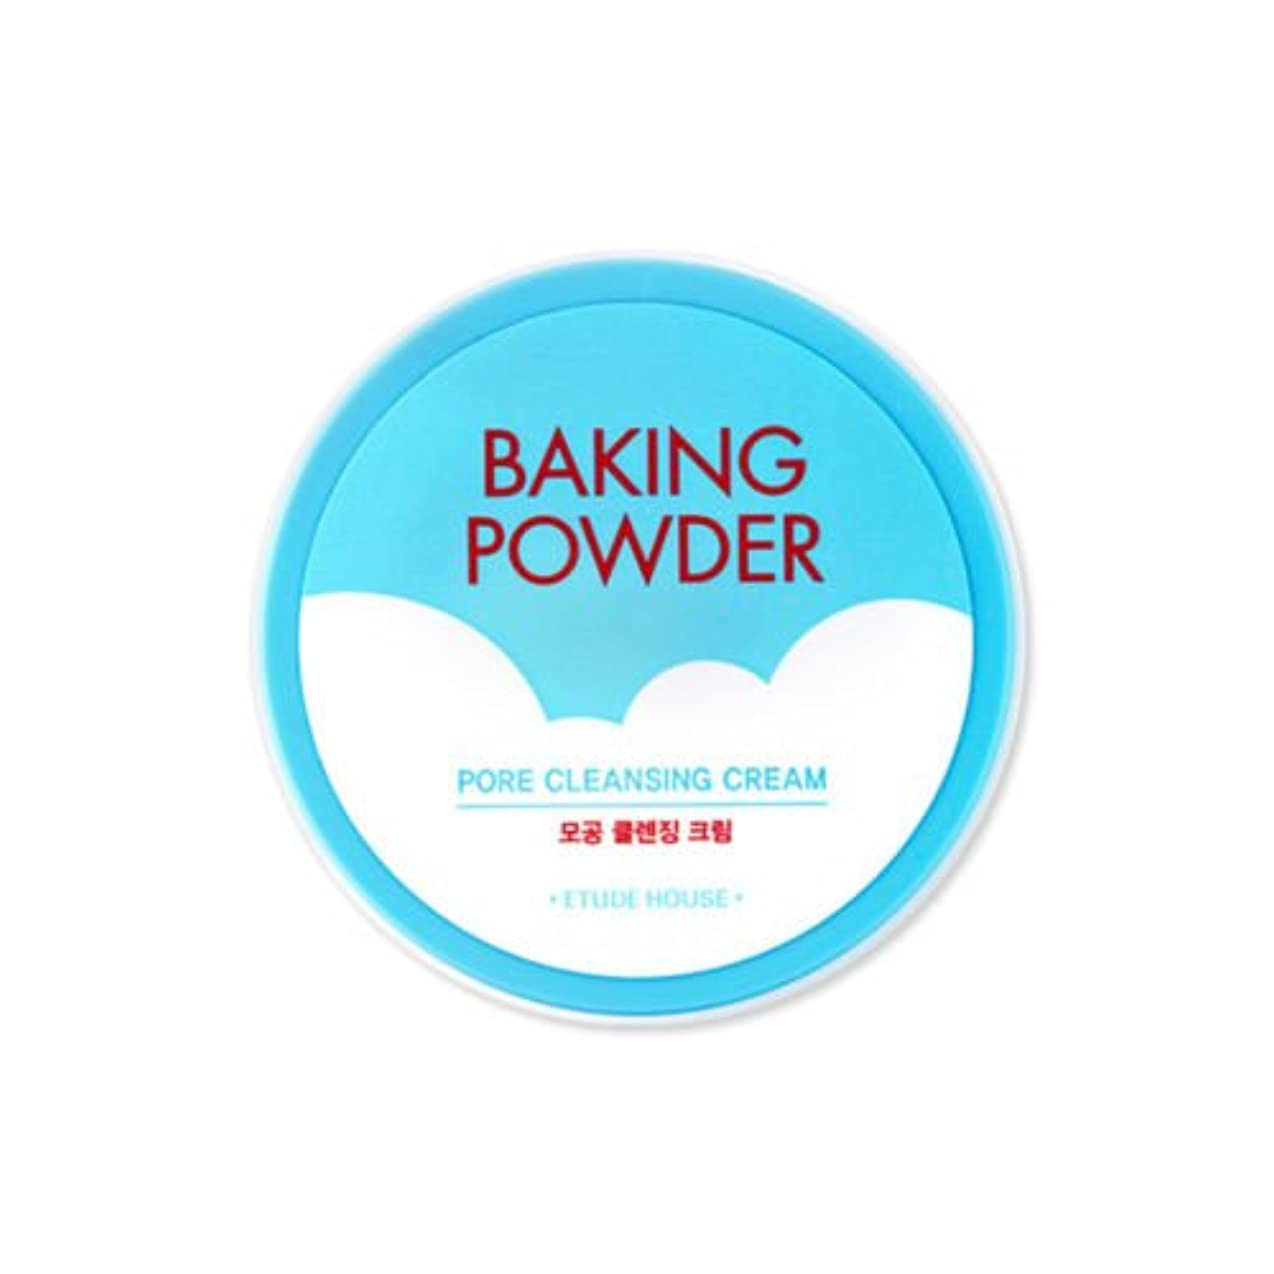 カルシウム事故代理人[2016 Upgrade!] ETUDE HOUSE Baking Powder Pore Cleansing Cream 180ml/エチュードハウス ベーキング パウダー ポア クレンジング クリーム 180ml